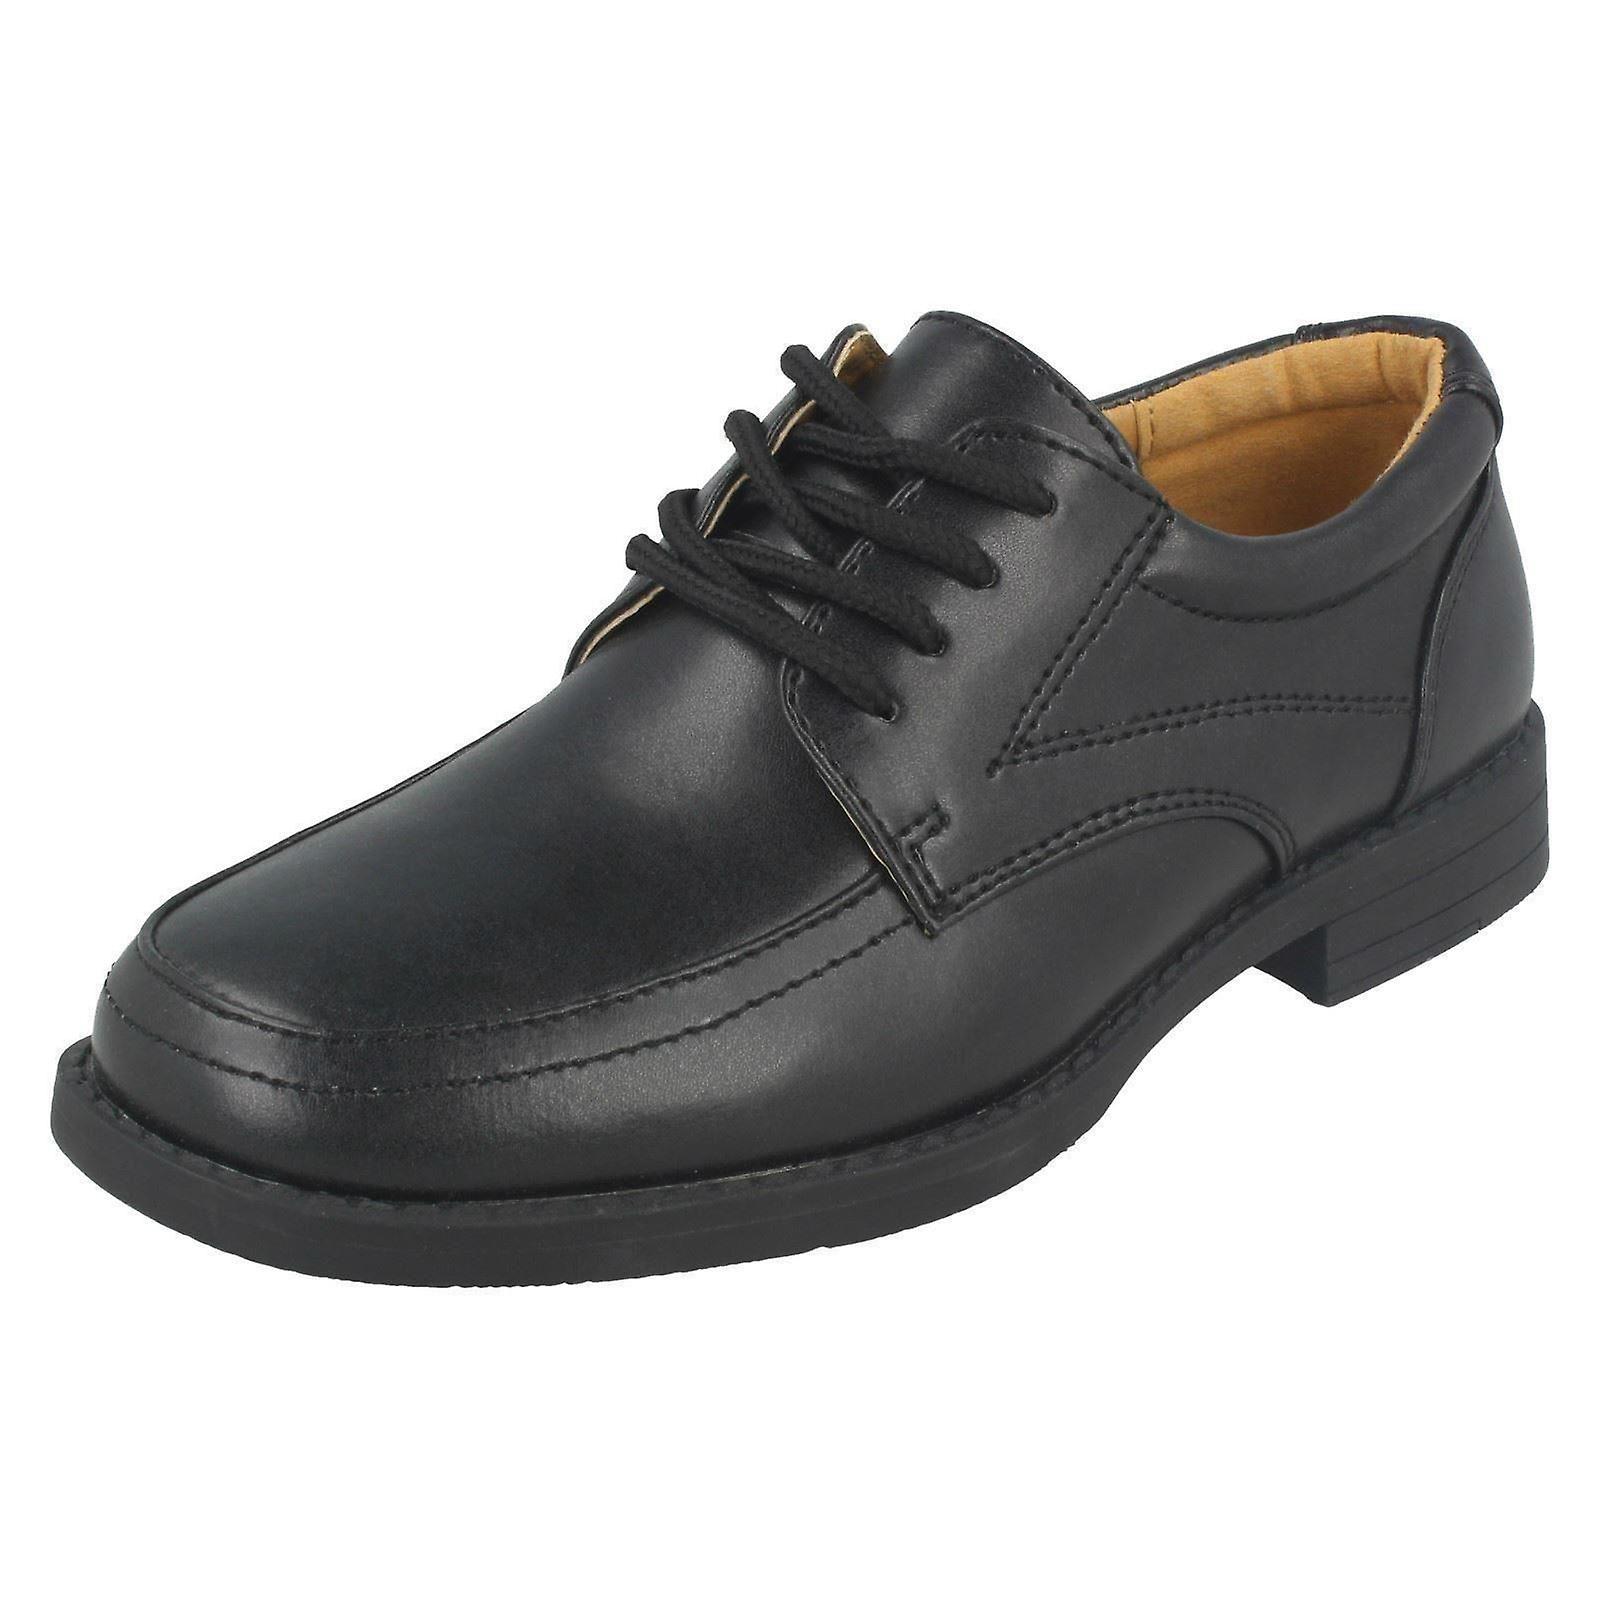 Jungen-Cool für die Schule Lace Up Schuhe N1117